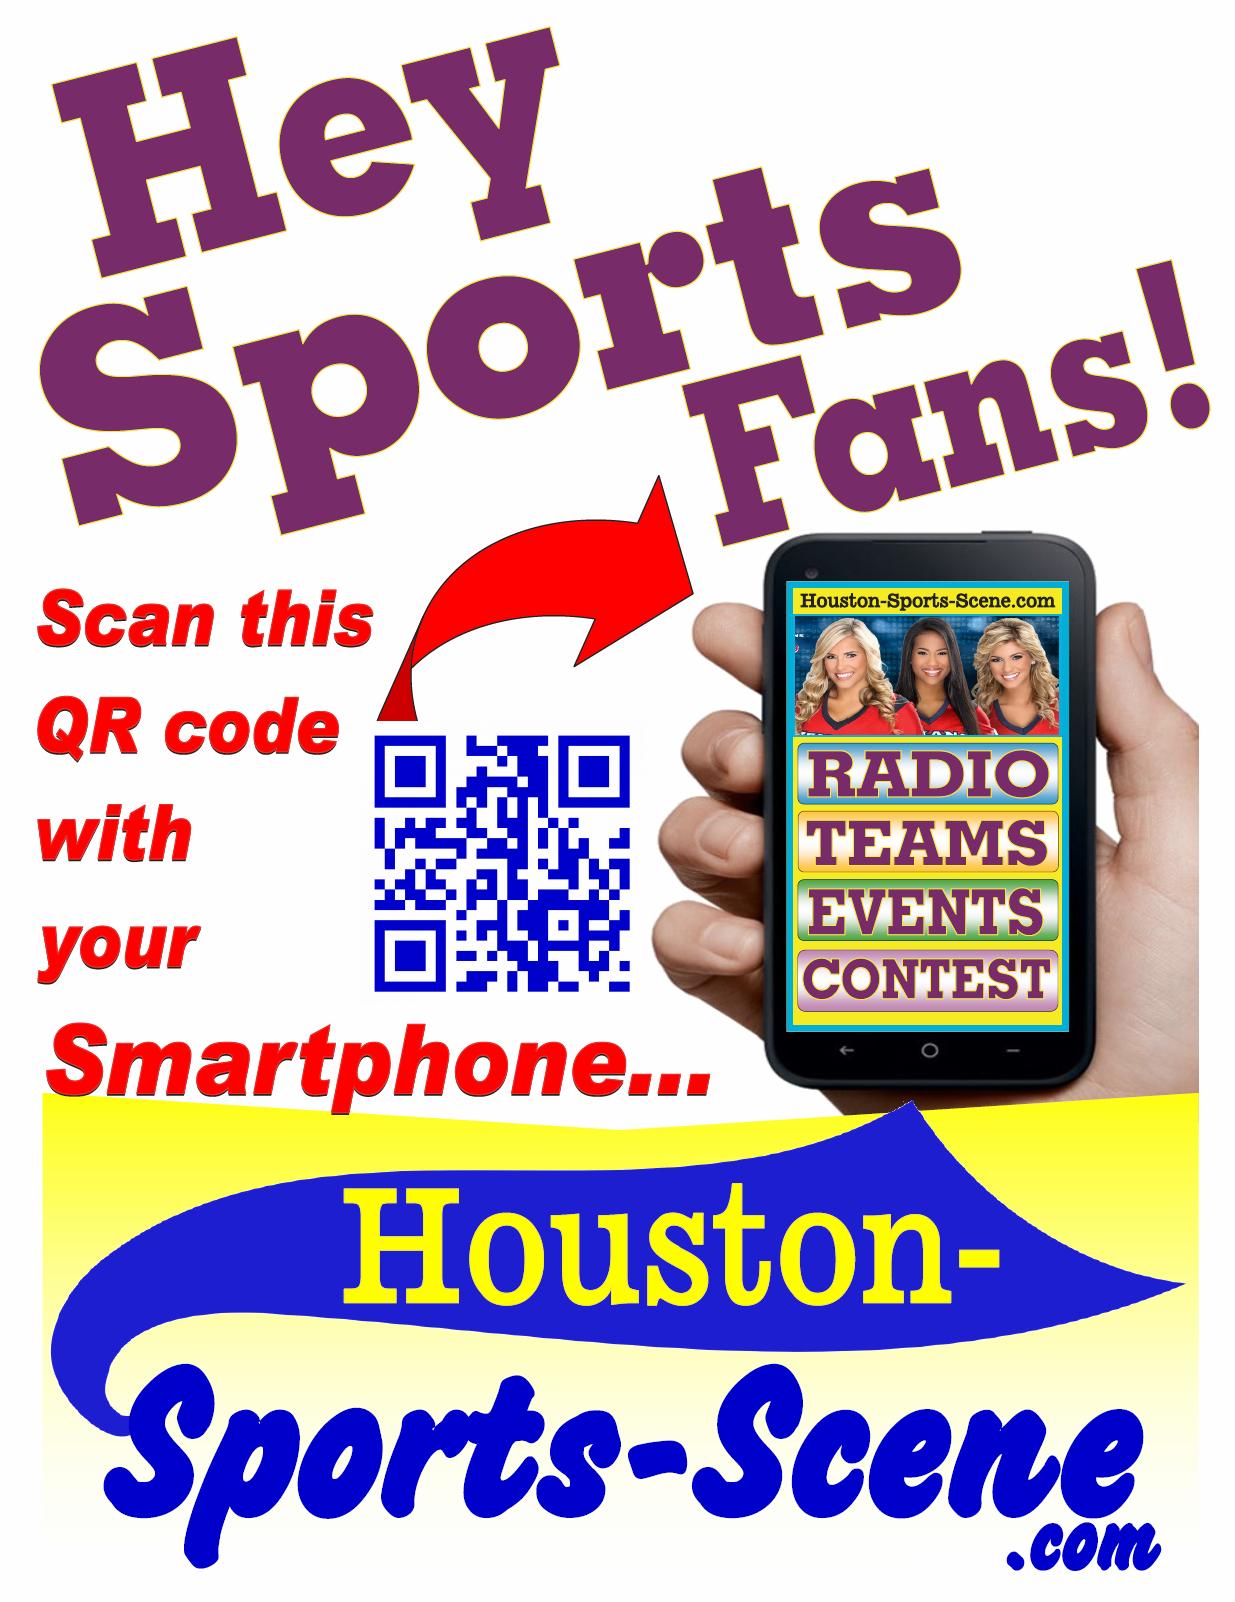 HoustonSportsScene Team events, Sport event, Houston